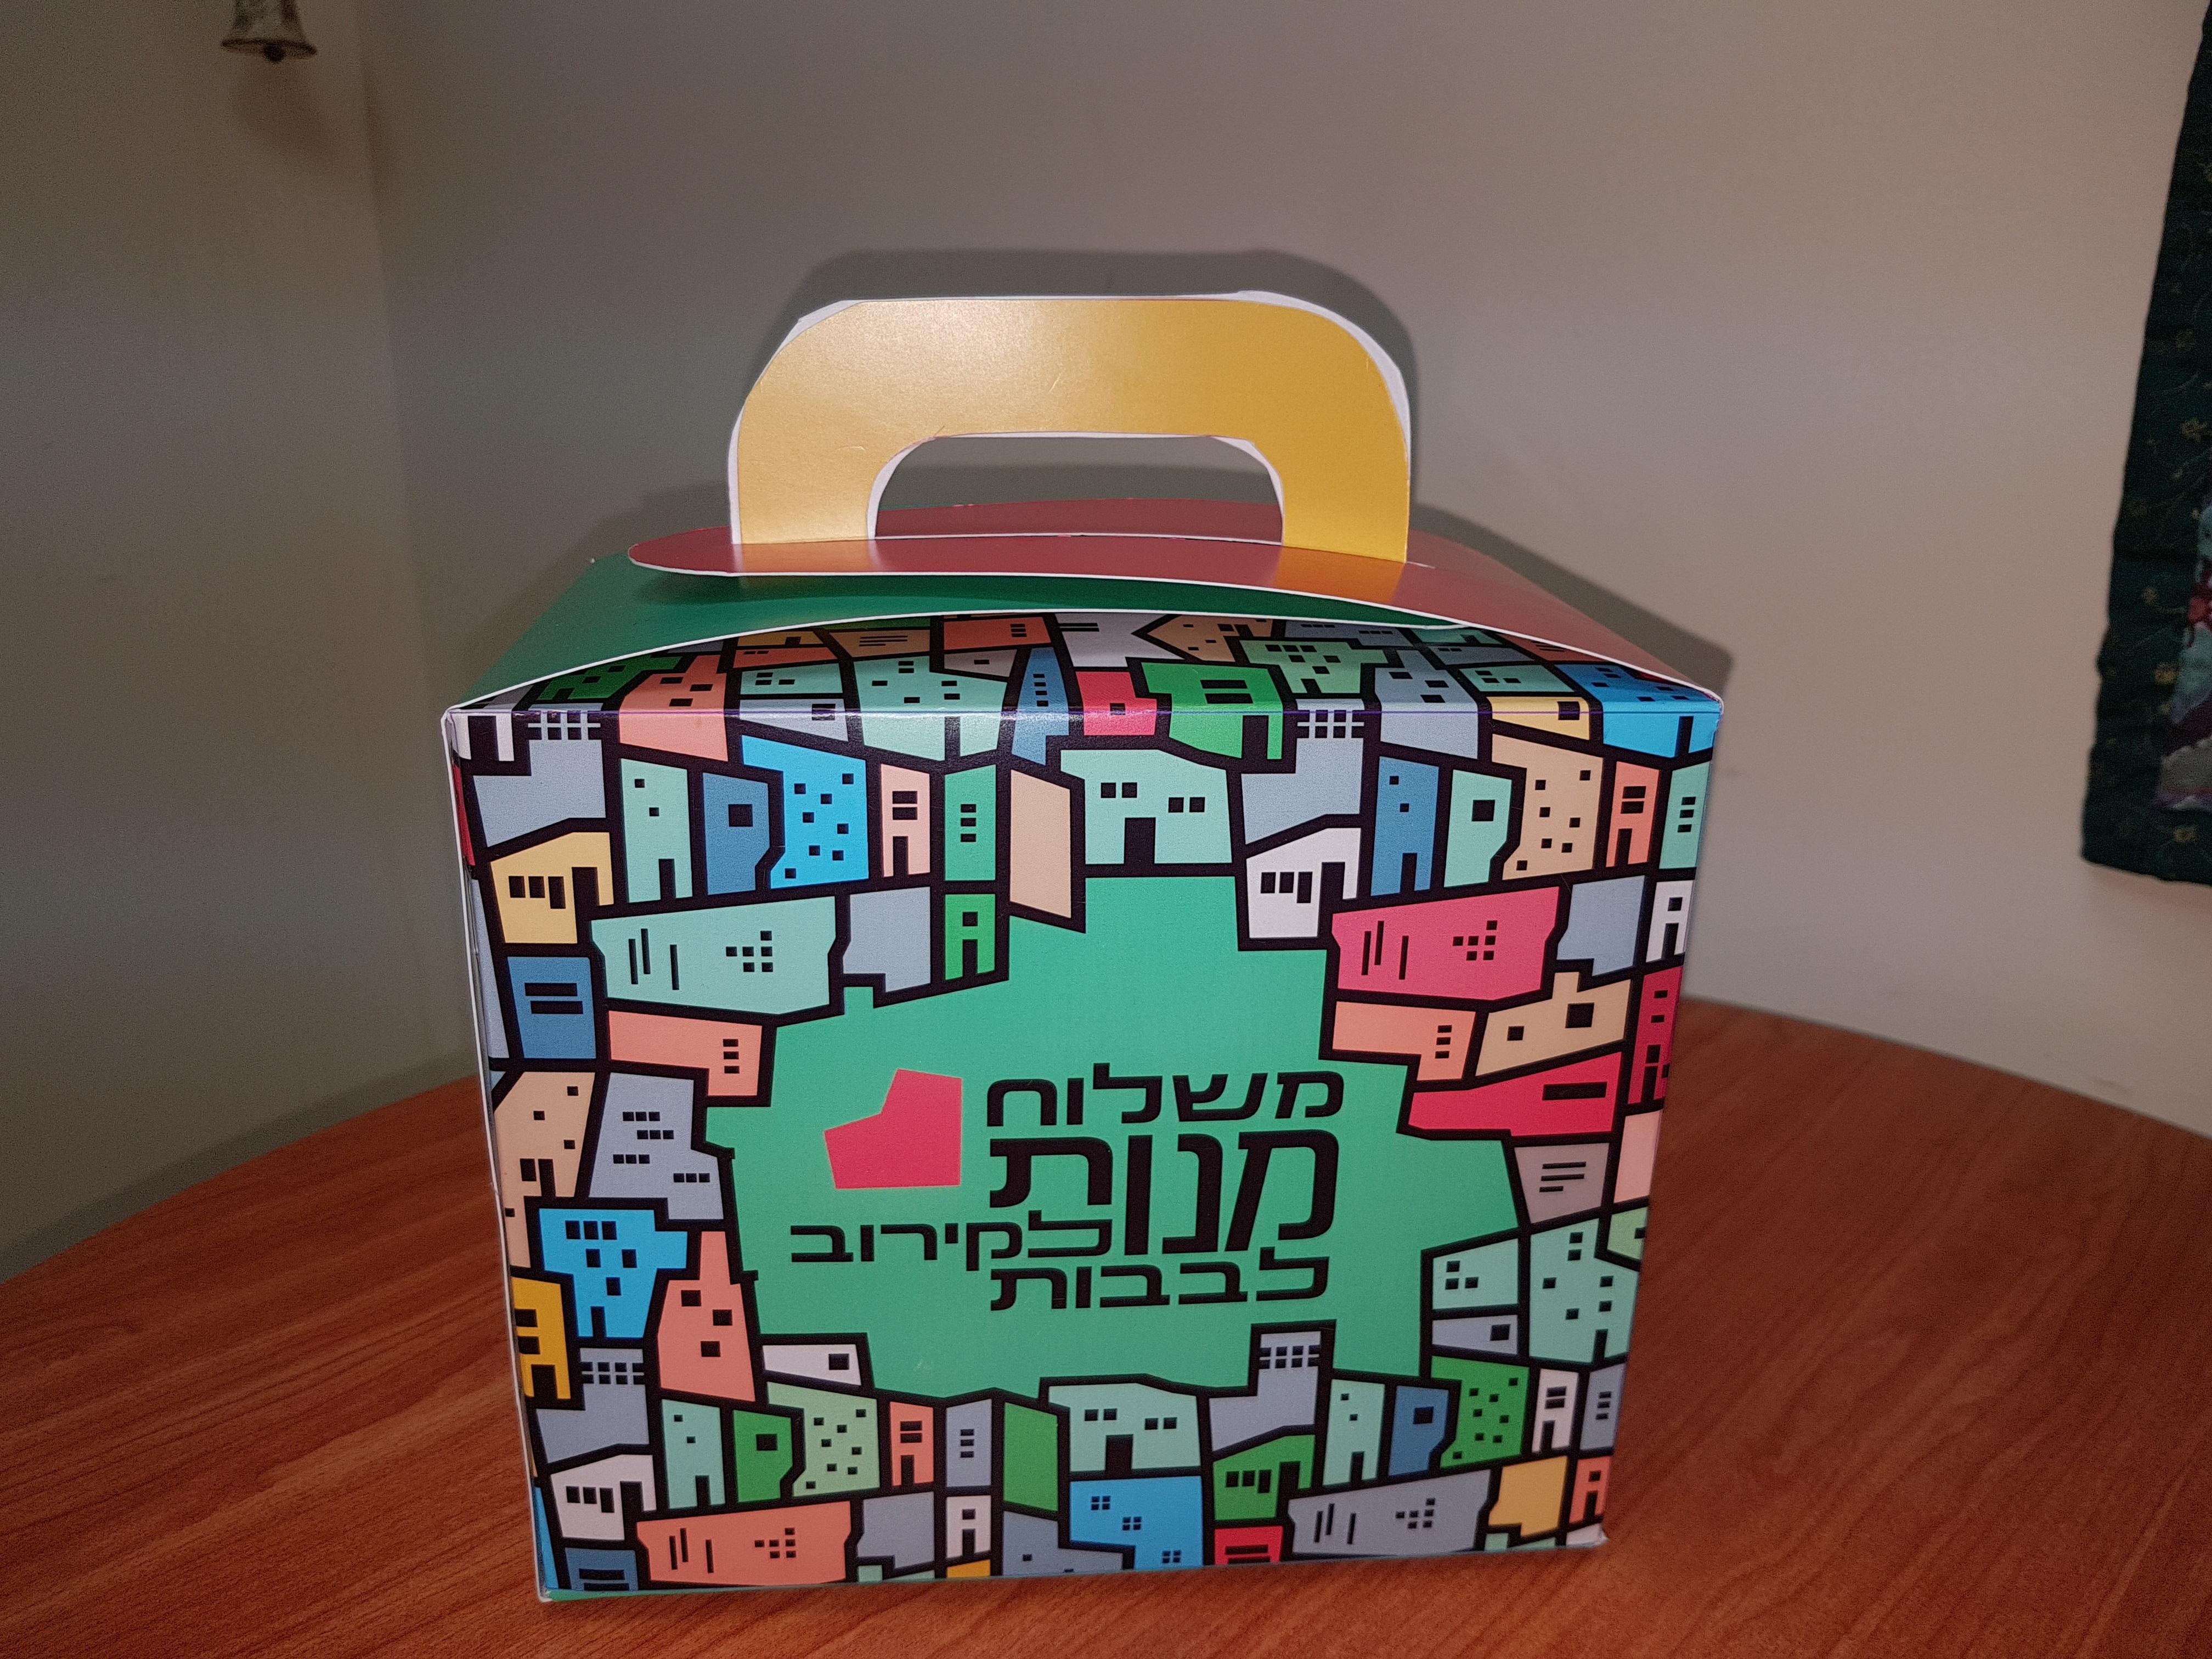 """עיריית רעננה ביוזמה חדשה לקראת חג הפורים - חלוקת קופסאות מעוצבות להכנת משלוחי מנות במסגרת תכנית """"שכנות טובה"""""""